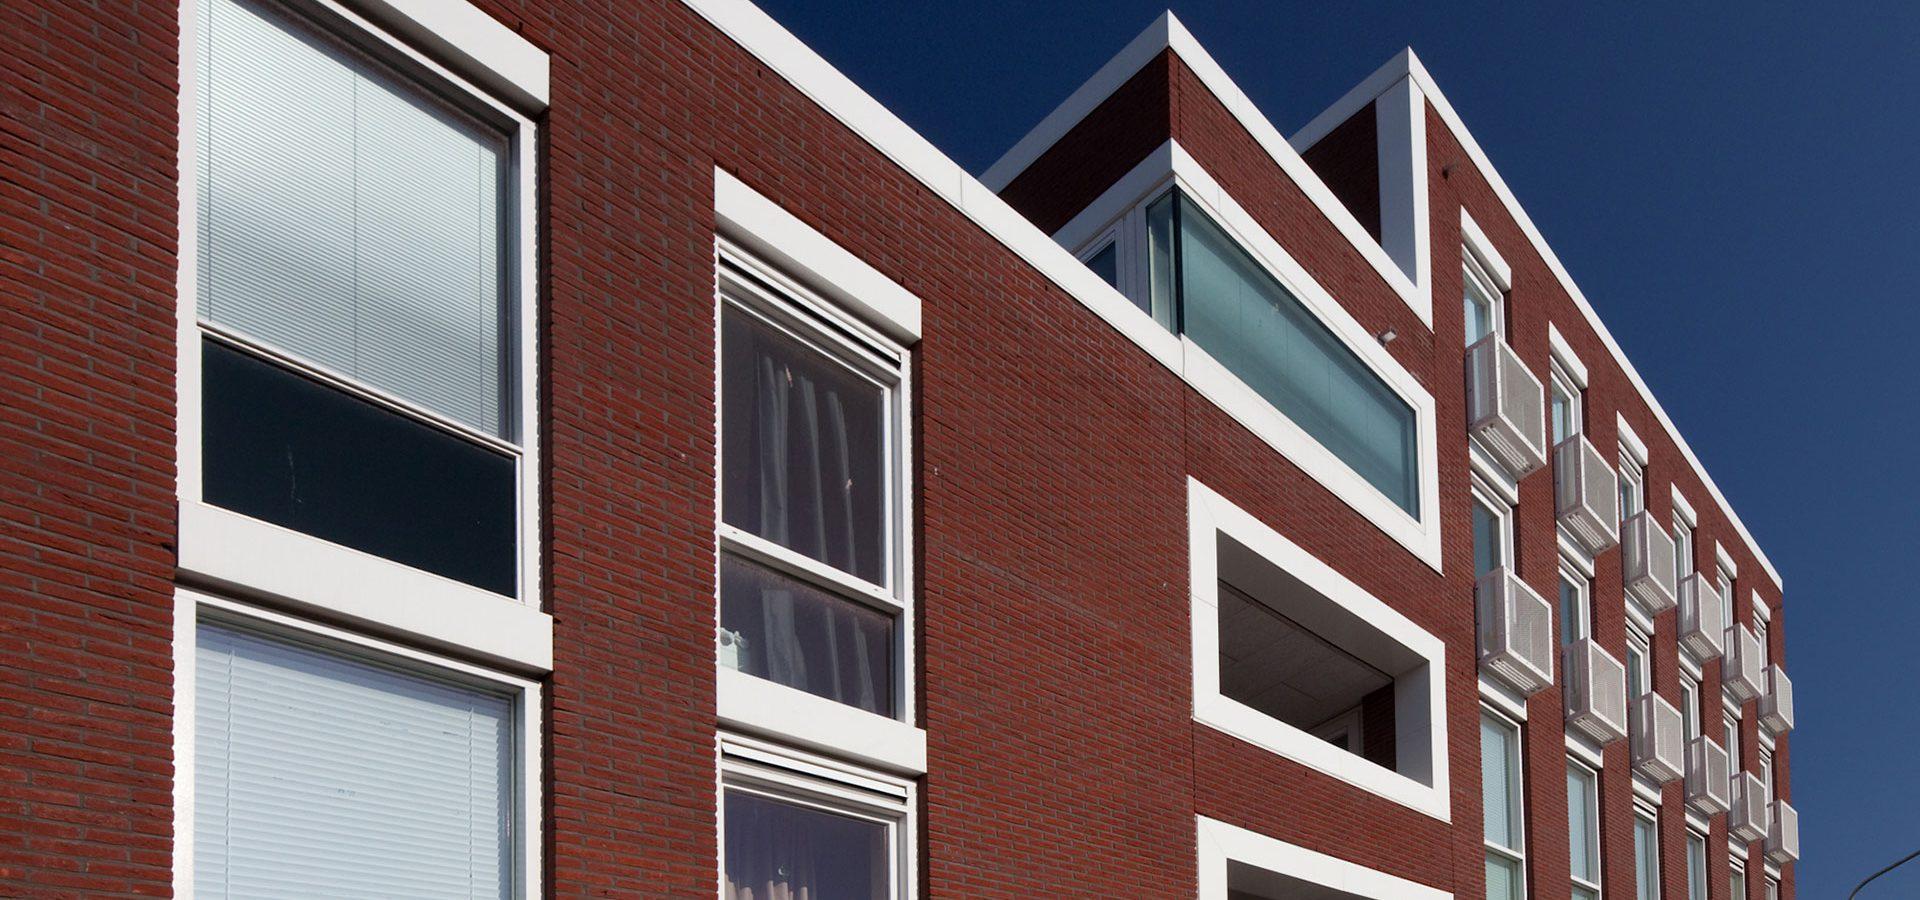 FARO architecten Drosteterrein Haarlem 08